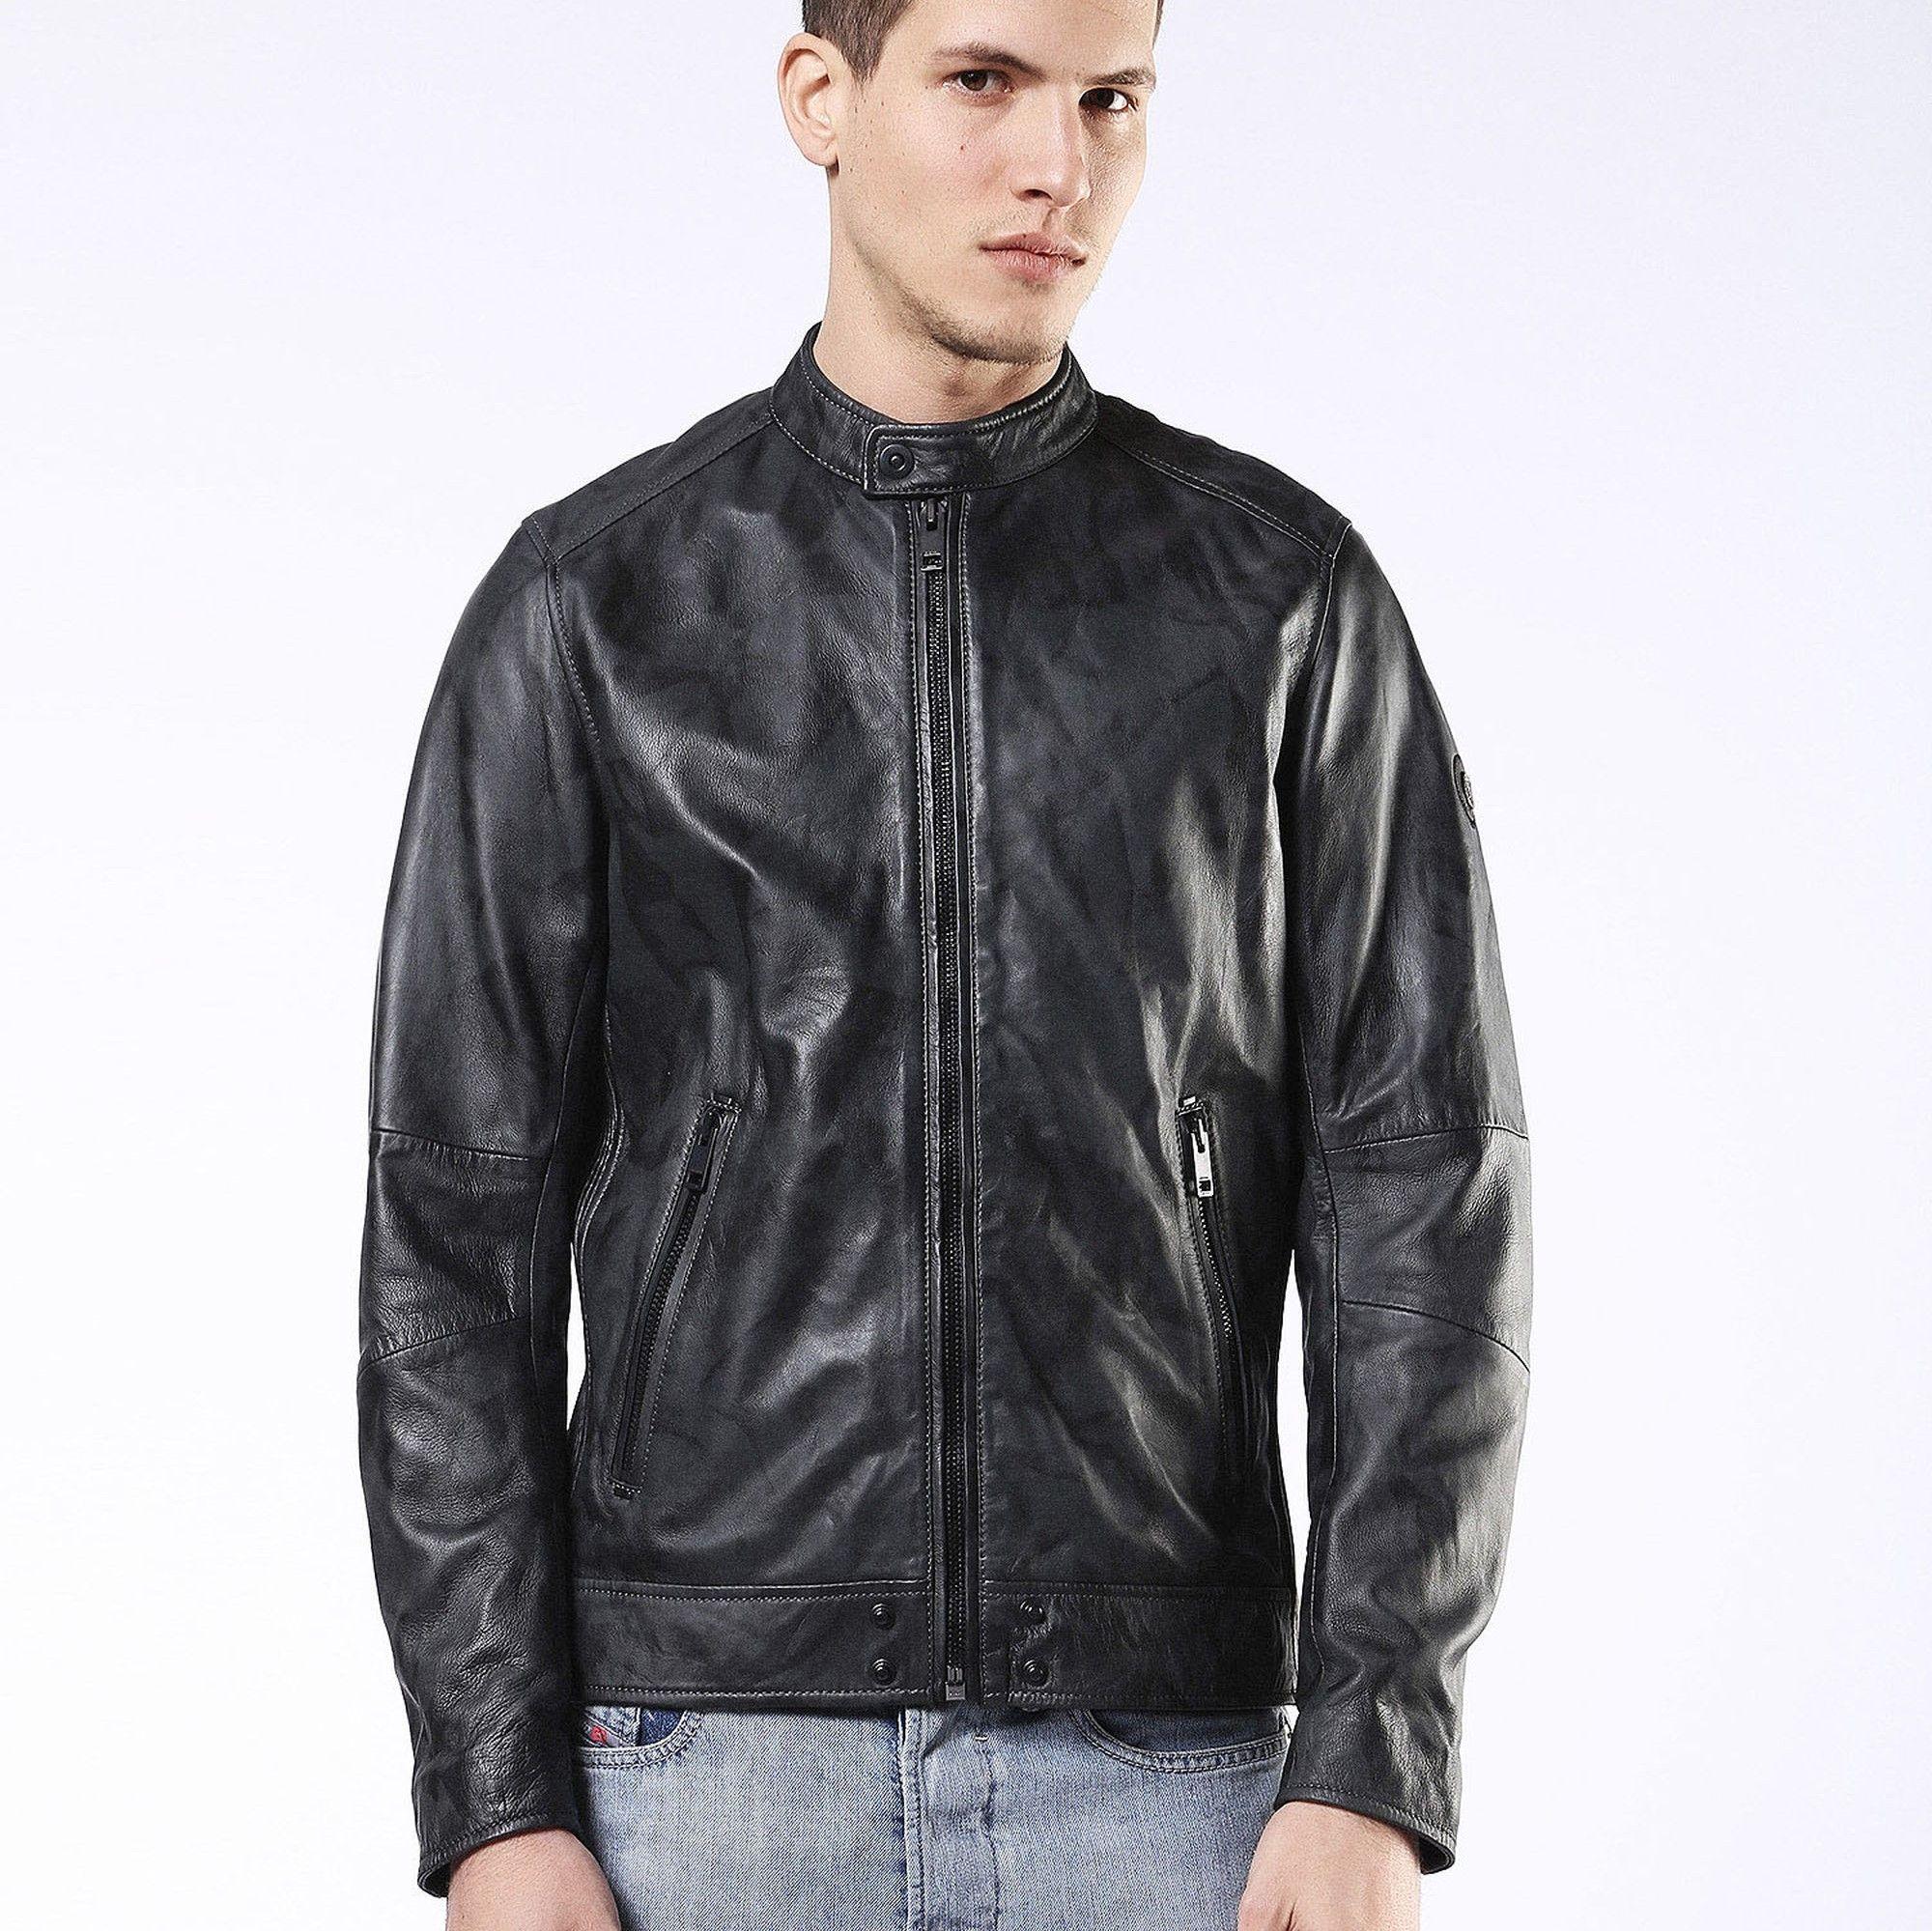 Diesel Bomber jacket, Leather jacket, Fashion